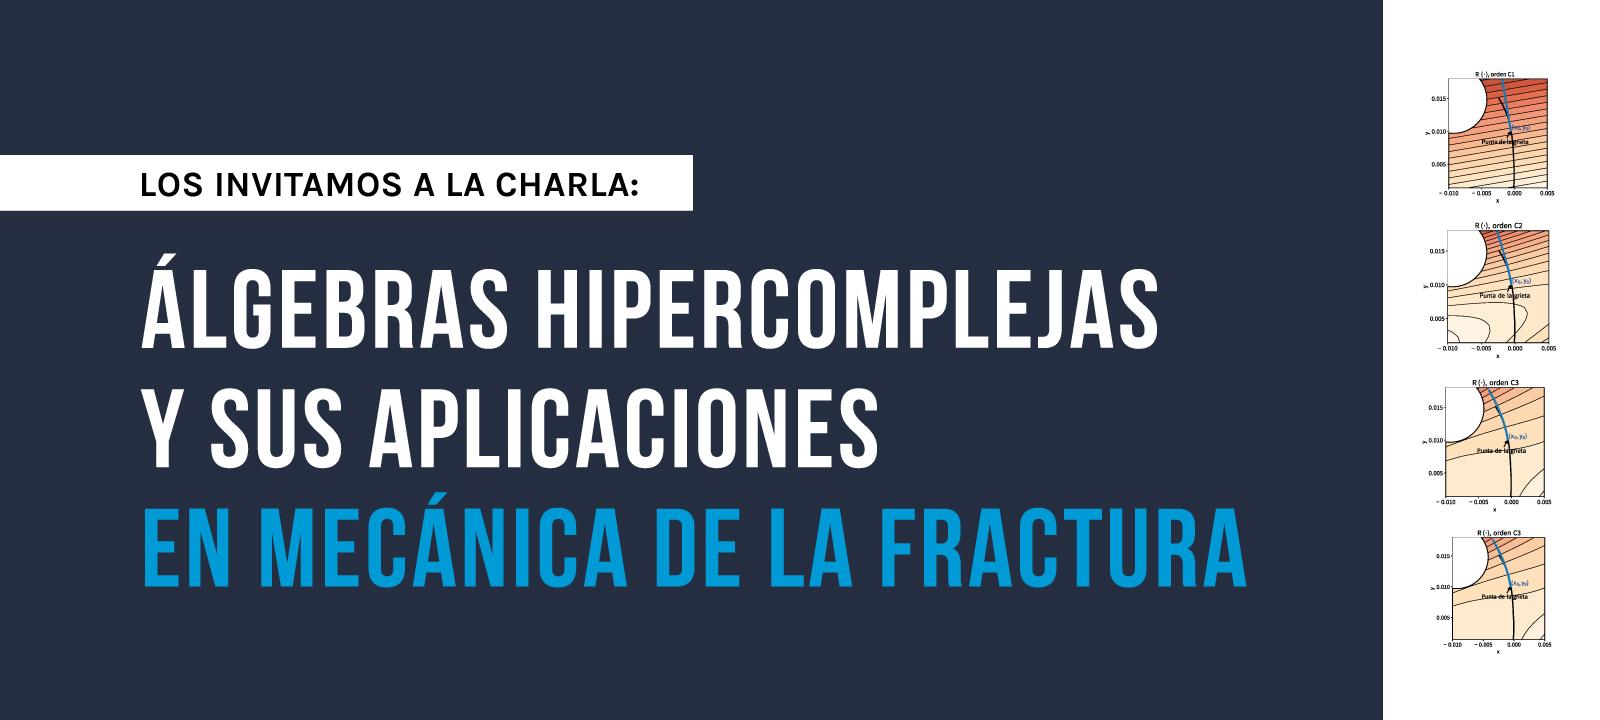 Los invitamos a la charla sobre: Álgebras hipercomplejas y sus aplicaciones en mecánica de la fractura